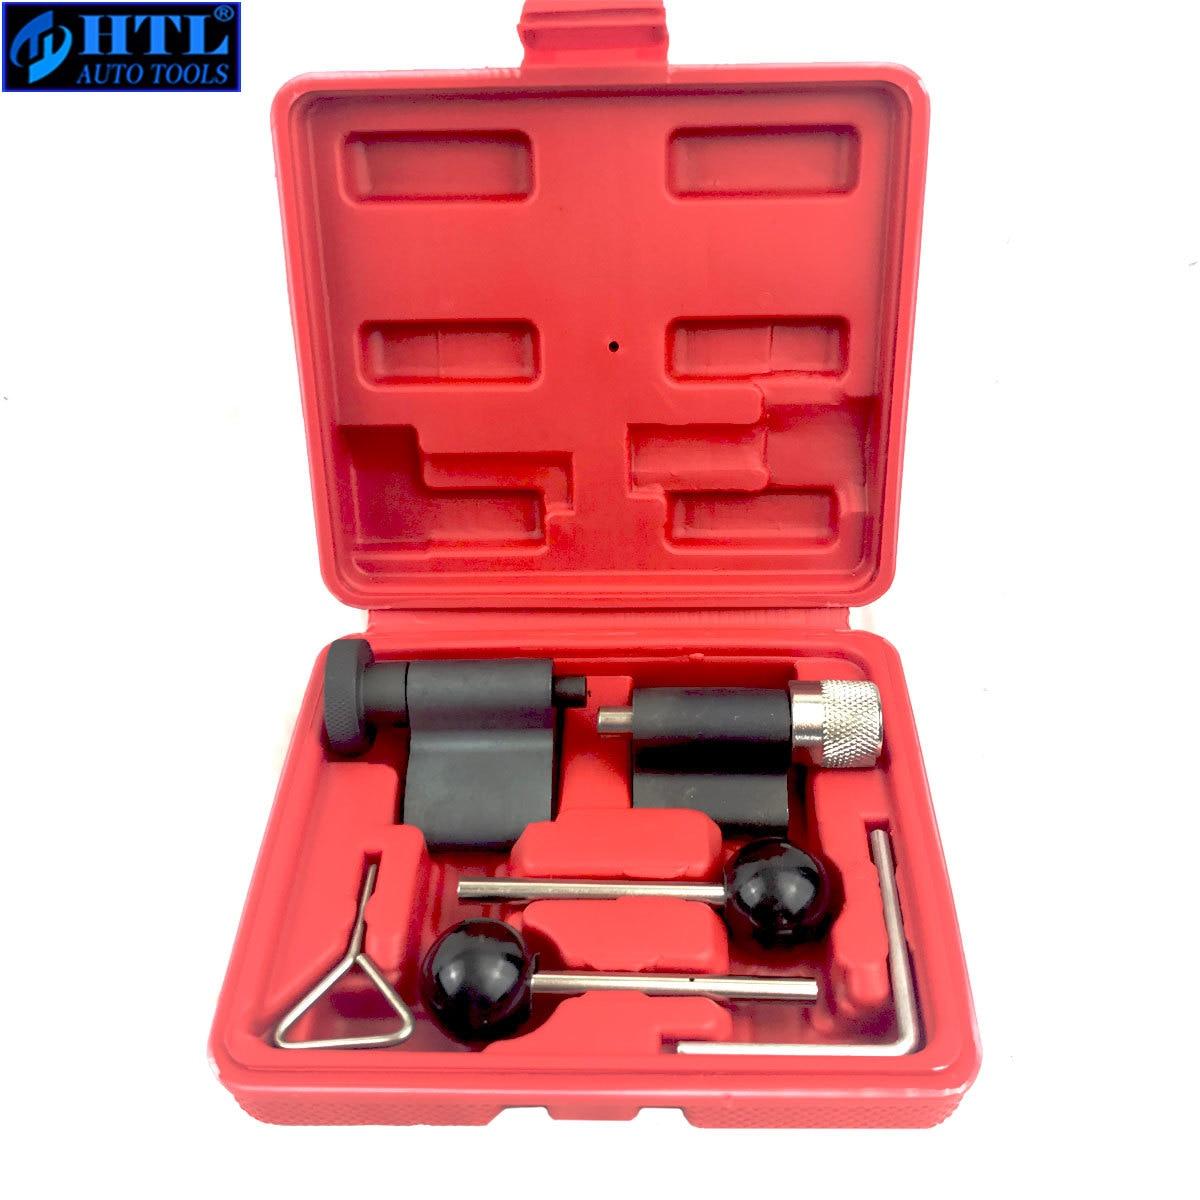 6pc universal motor diesel sincronismo cam manivela bloqueio conjunto de ferramentas para vw audi t10050 t10100